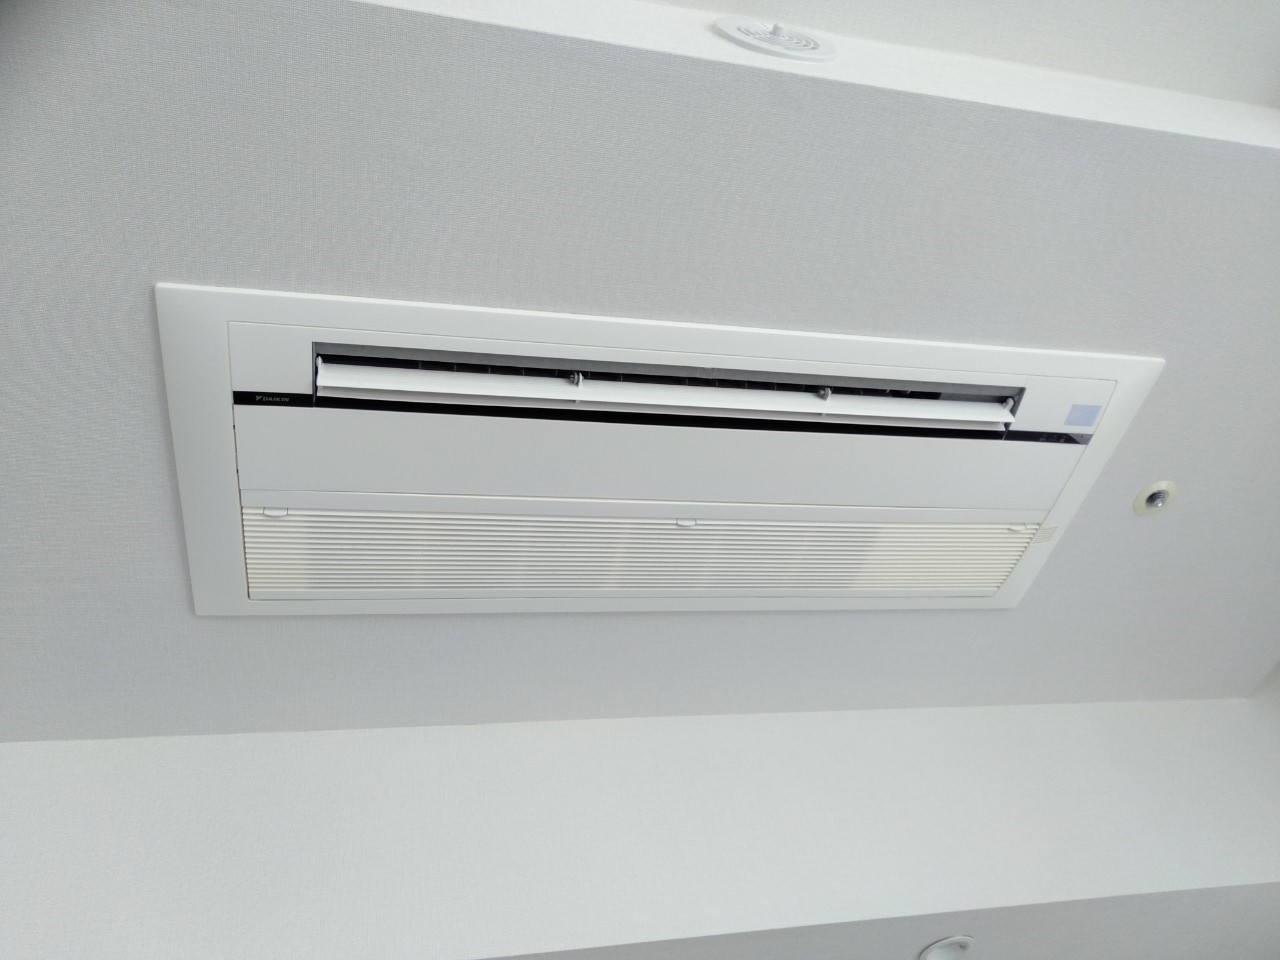 エアコン 天井埋込(家庭用)